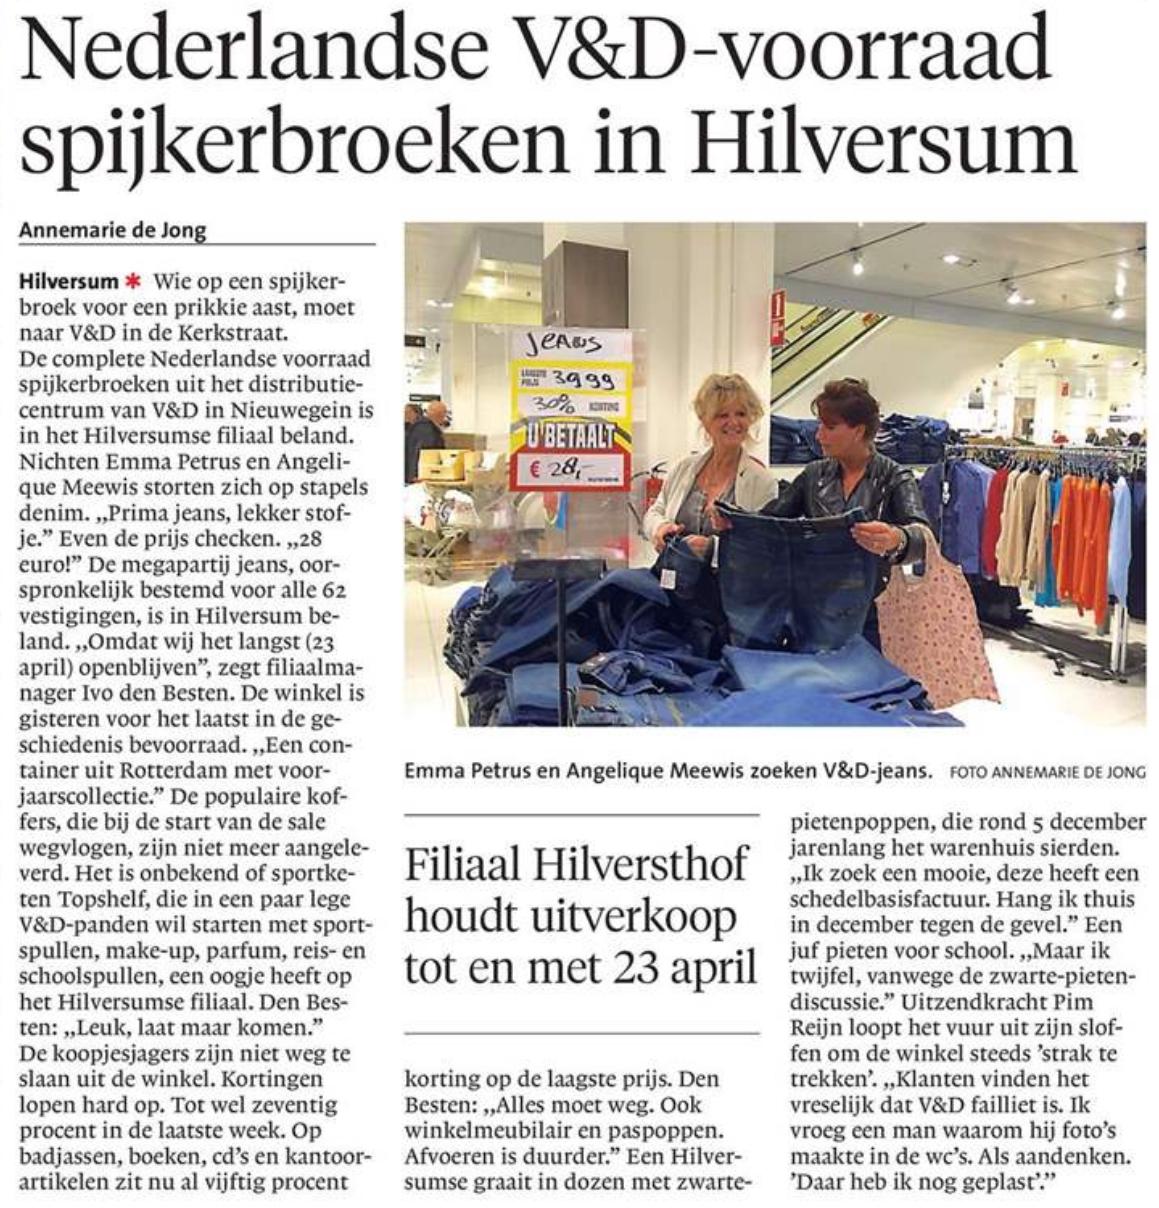 Spijkerbroeken-voorraad van V&D Nederland nu te koop in Hilversum